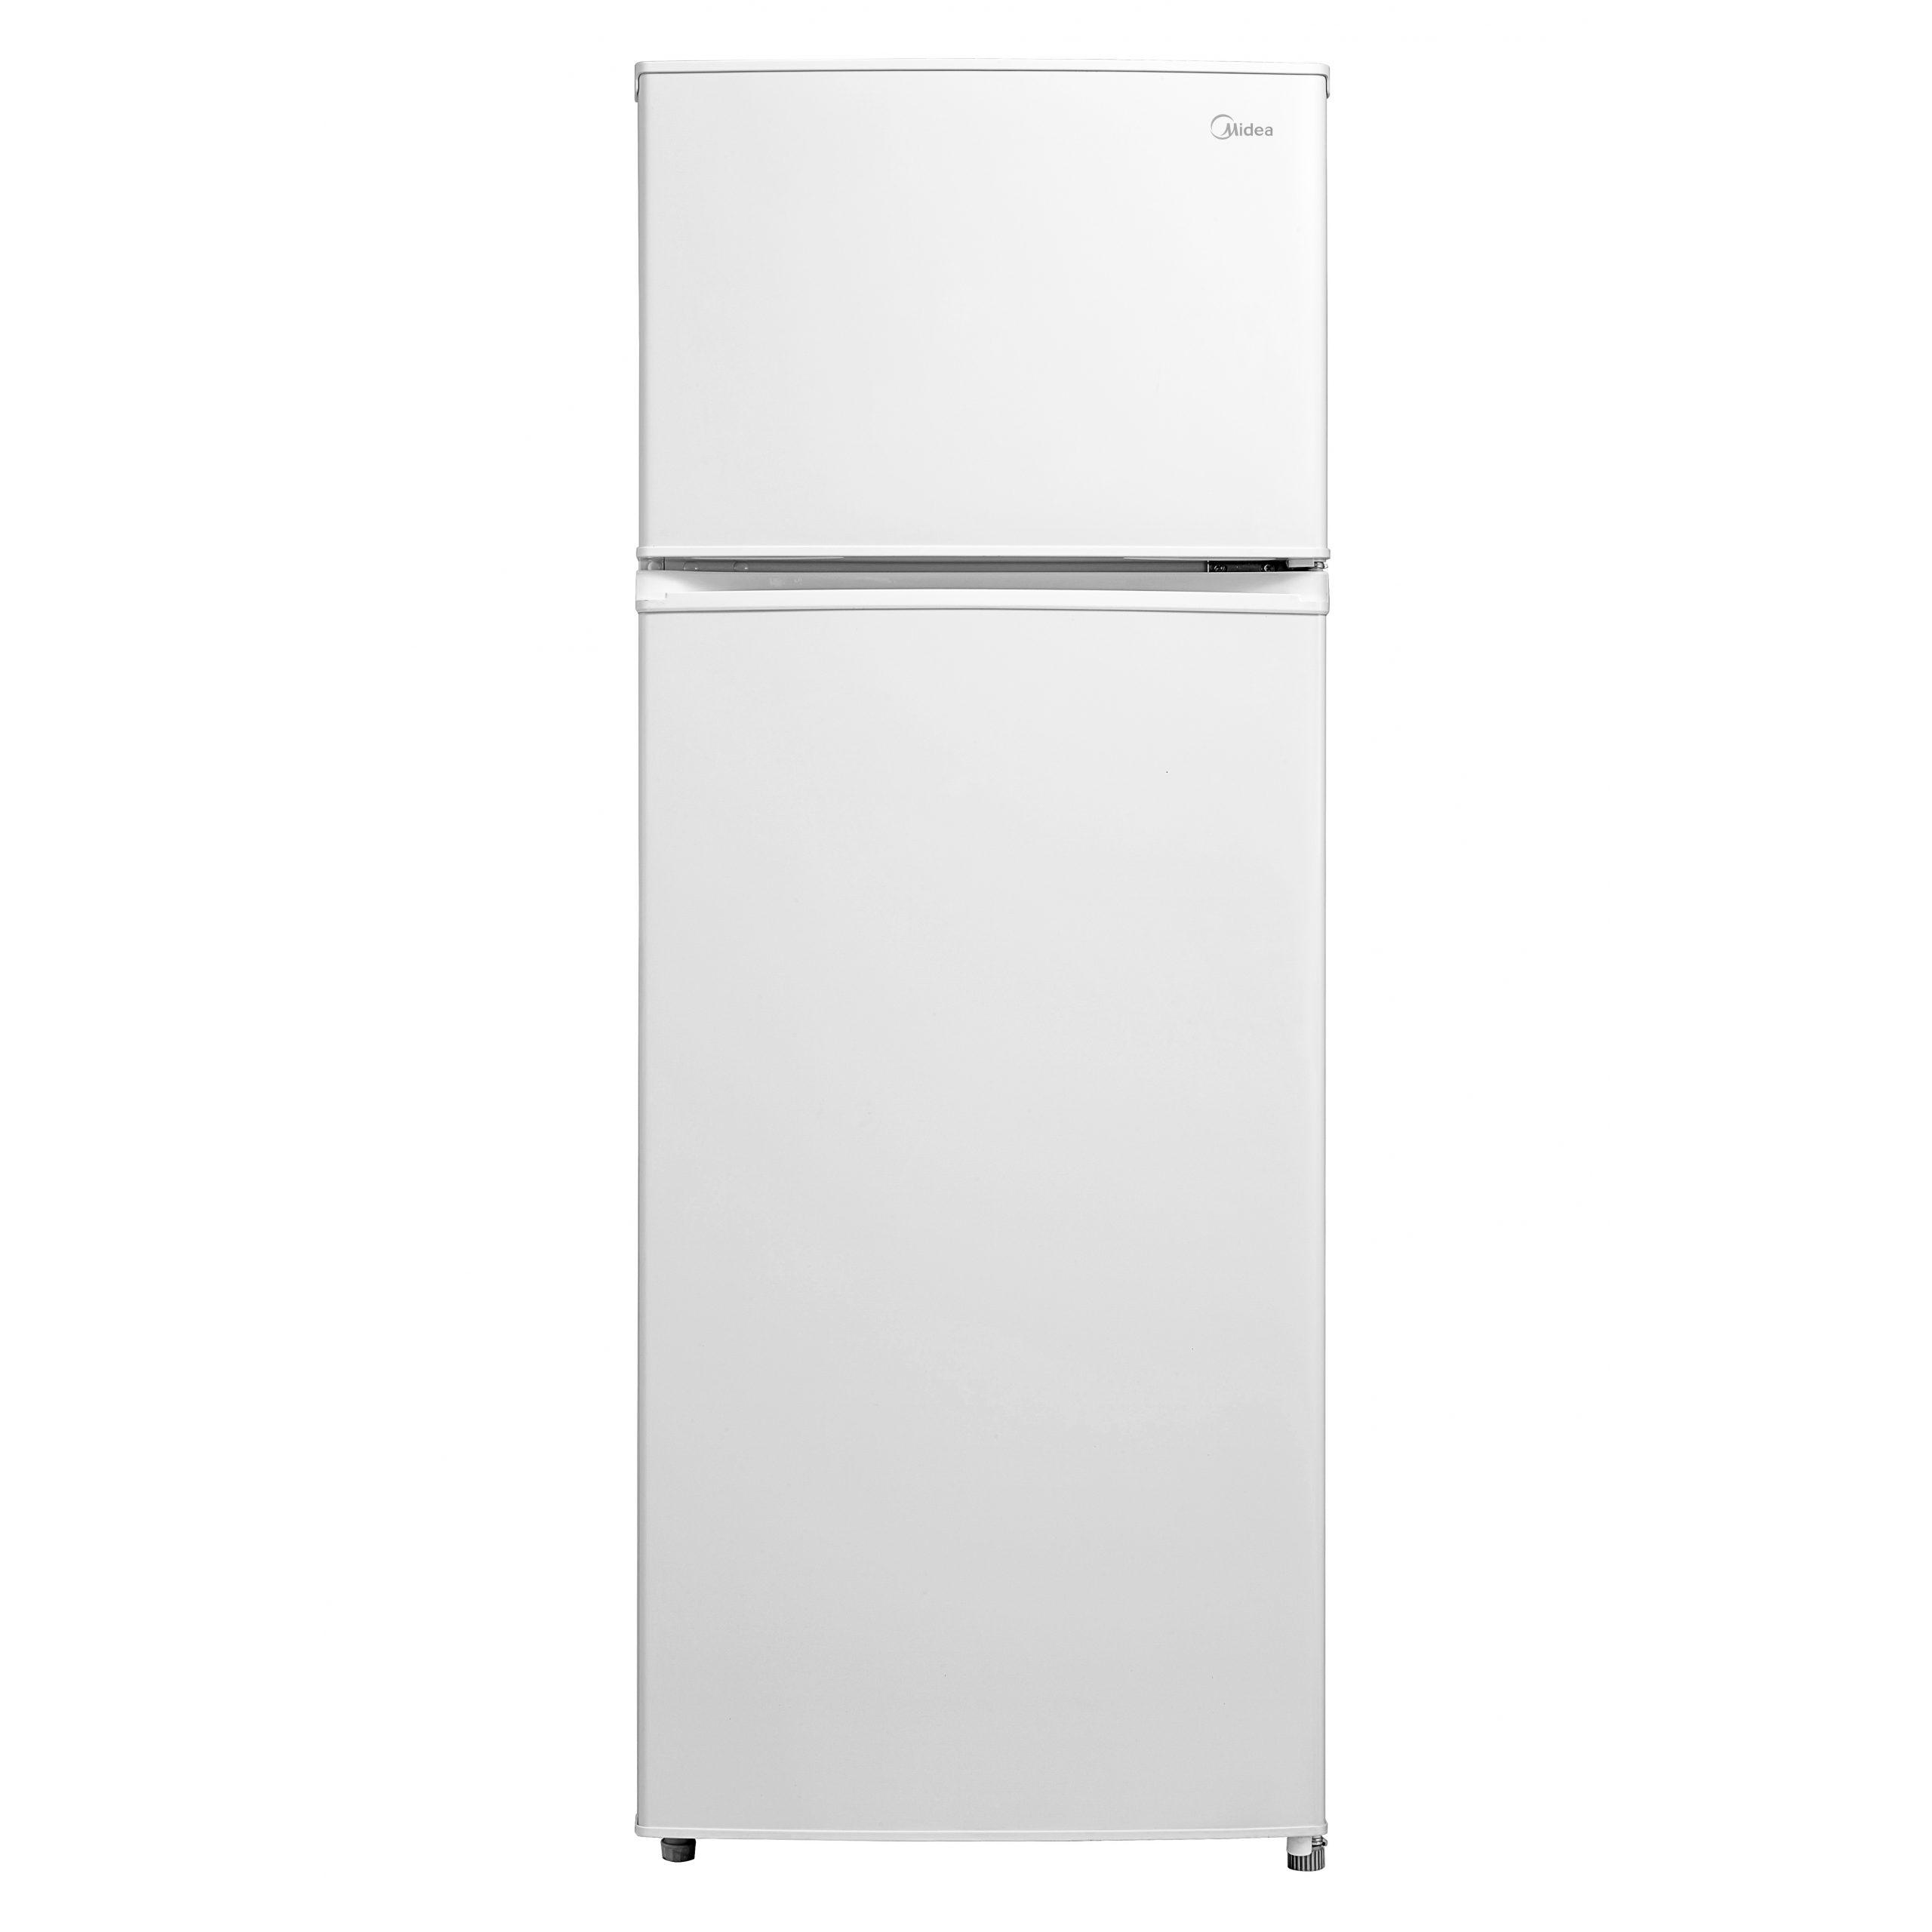 Δίπορτο Ψυγείο Midea MT273A2W